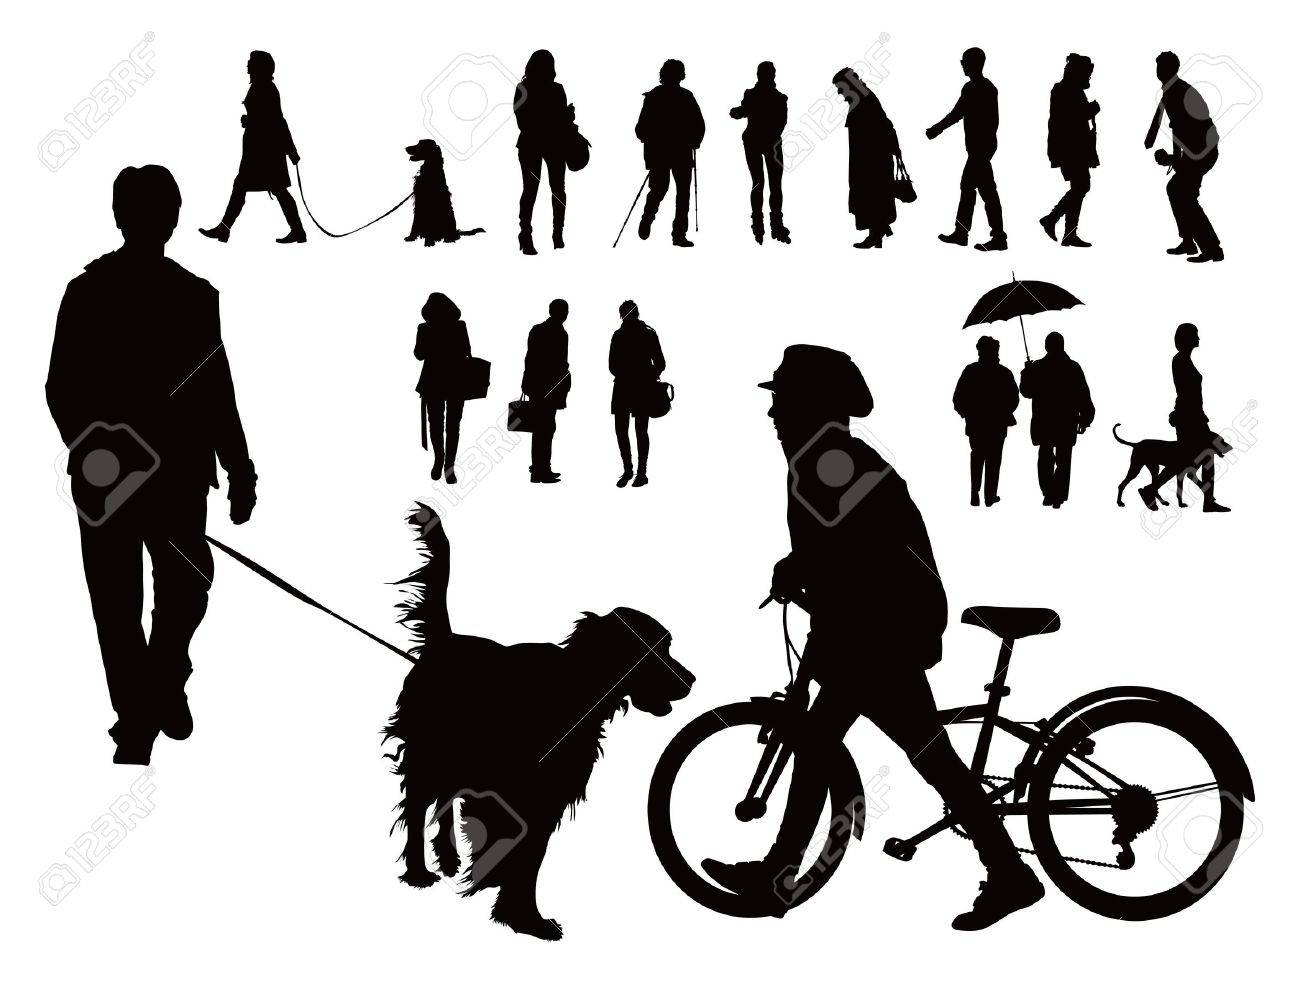 Sagome Persone Nere.Piu Di Dieci Persone Nere Sagome Vettoriali A Piedi Con I Cani Da Soli E Con Abiti Di Primavera In Bicicletta Occasionali